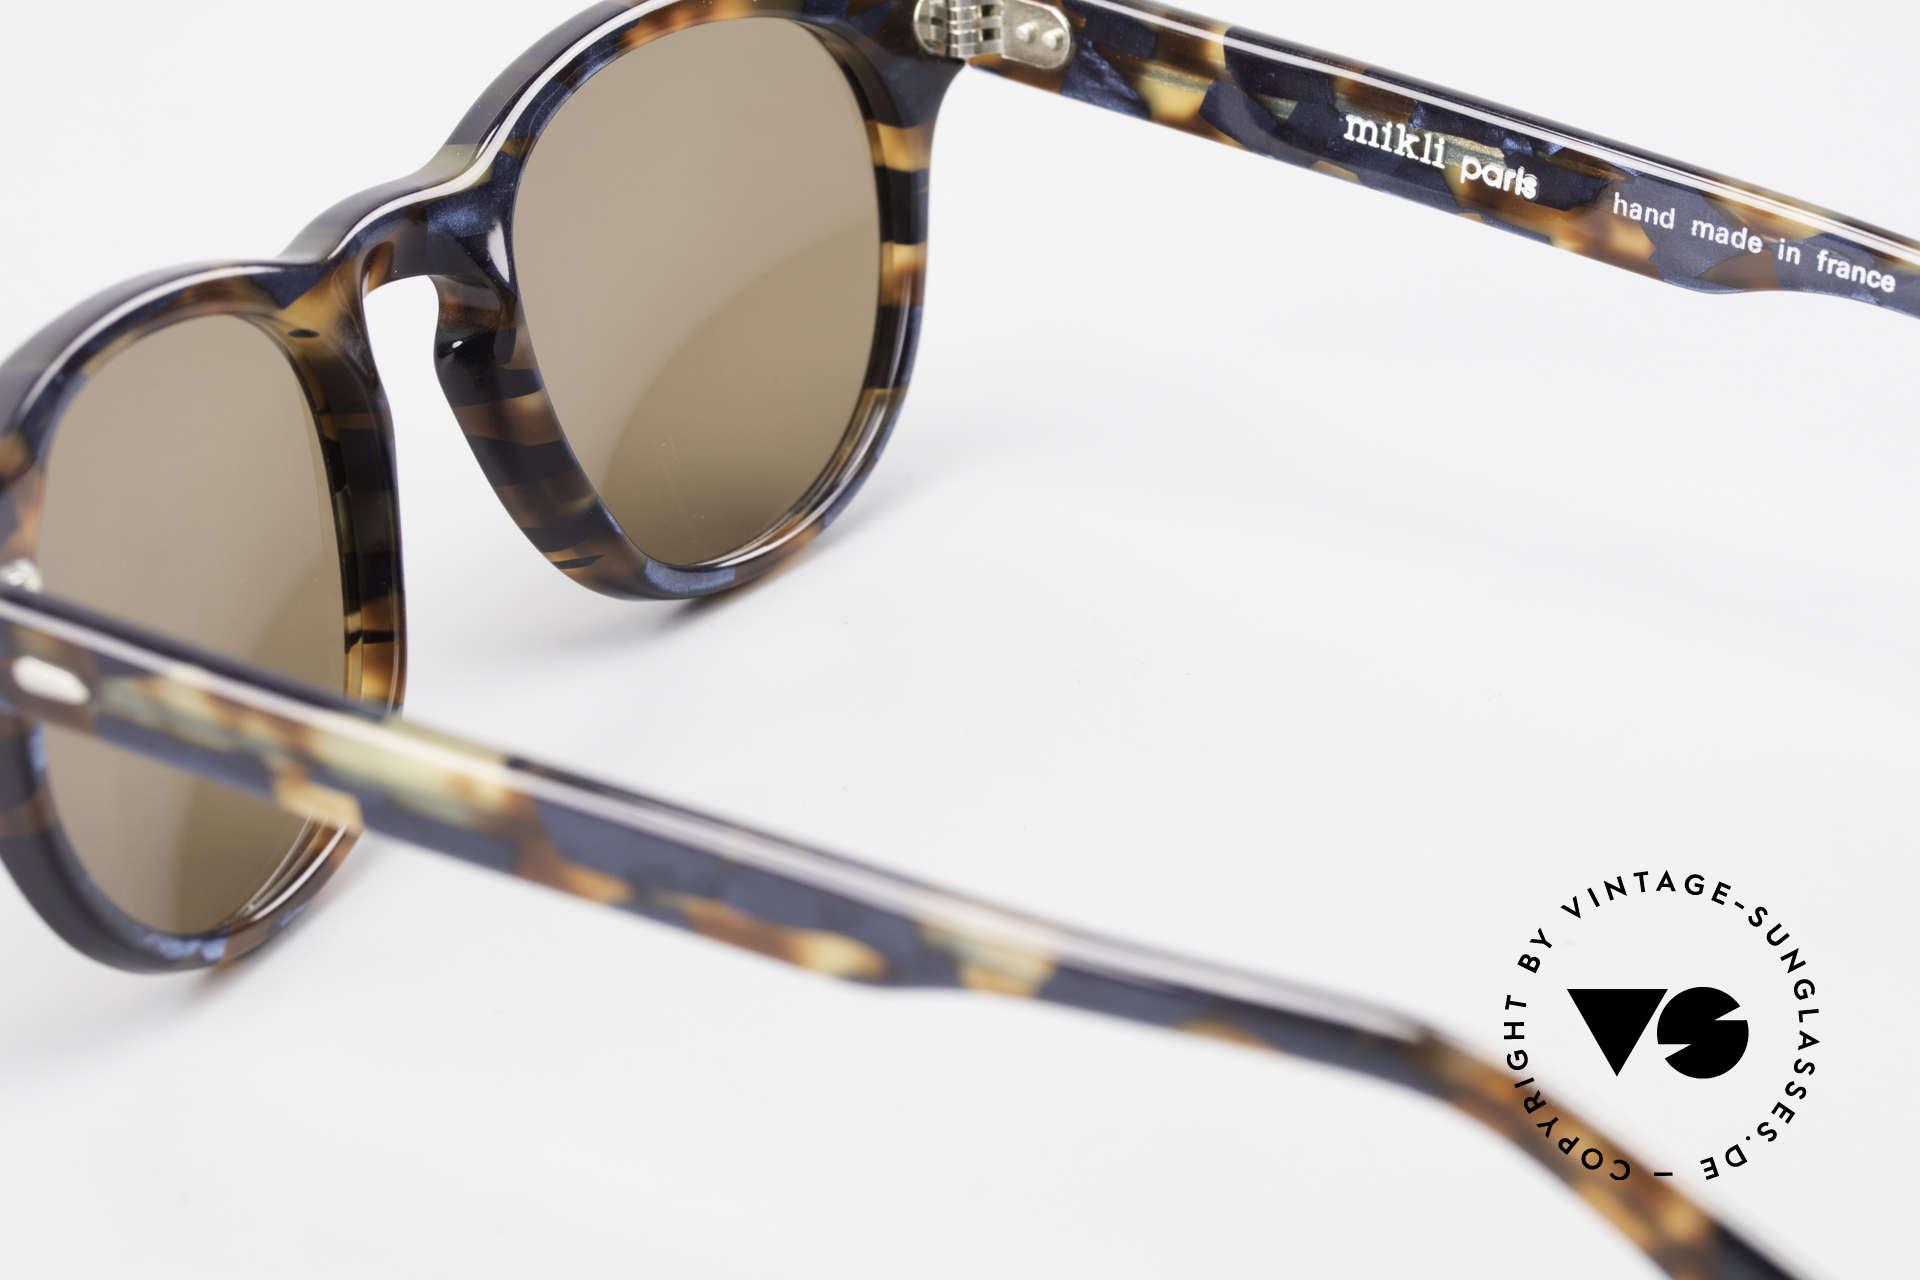 Alain Mikli 6903 / 622 XS Panto Brille Braun Marmor, KEINE Retromode, sondern ein altes Mikli-Original, Passend für Herren und Damen